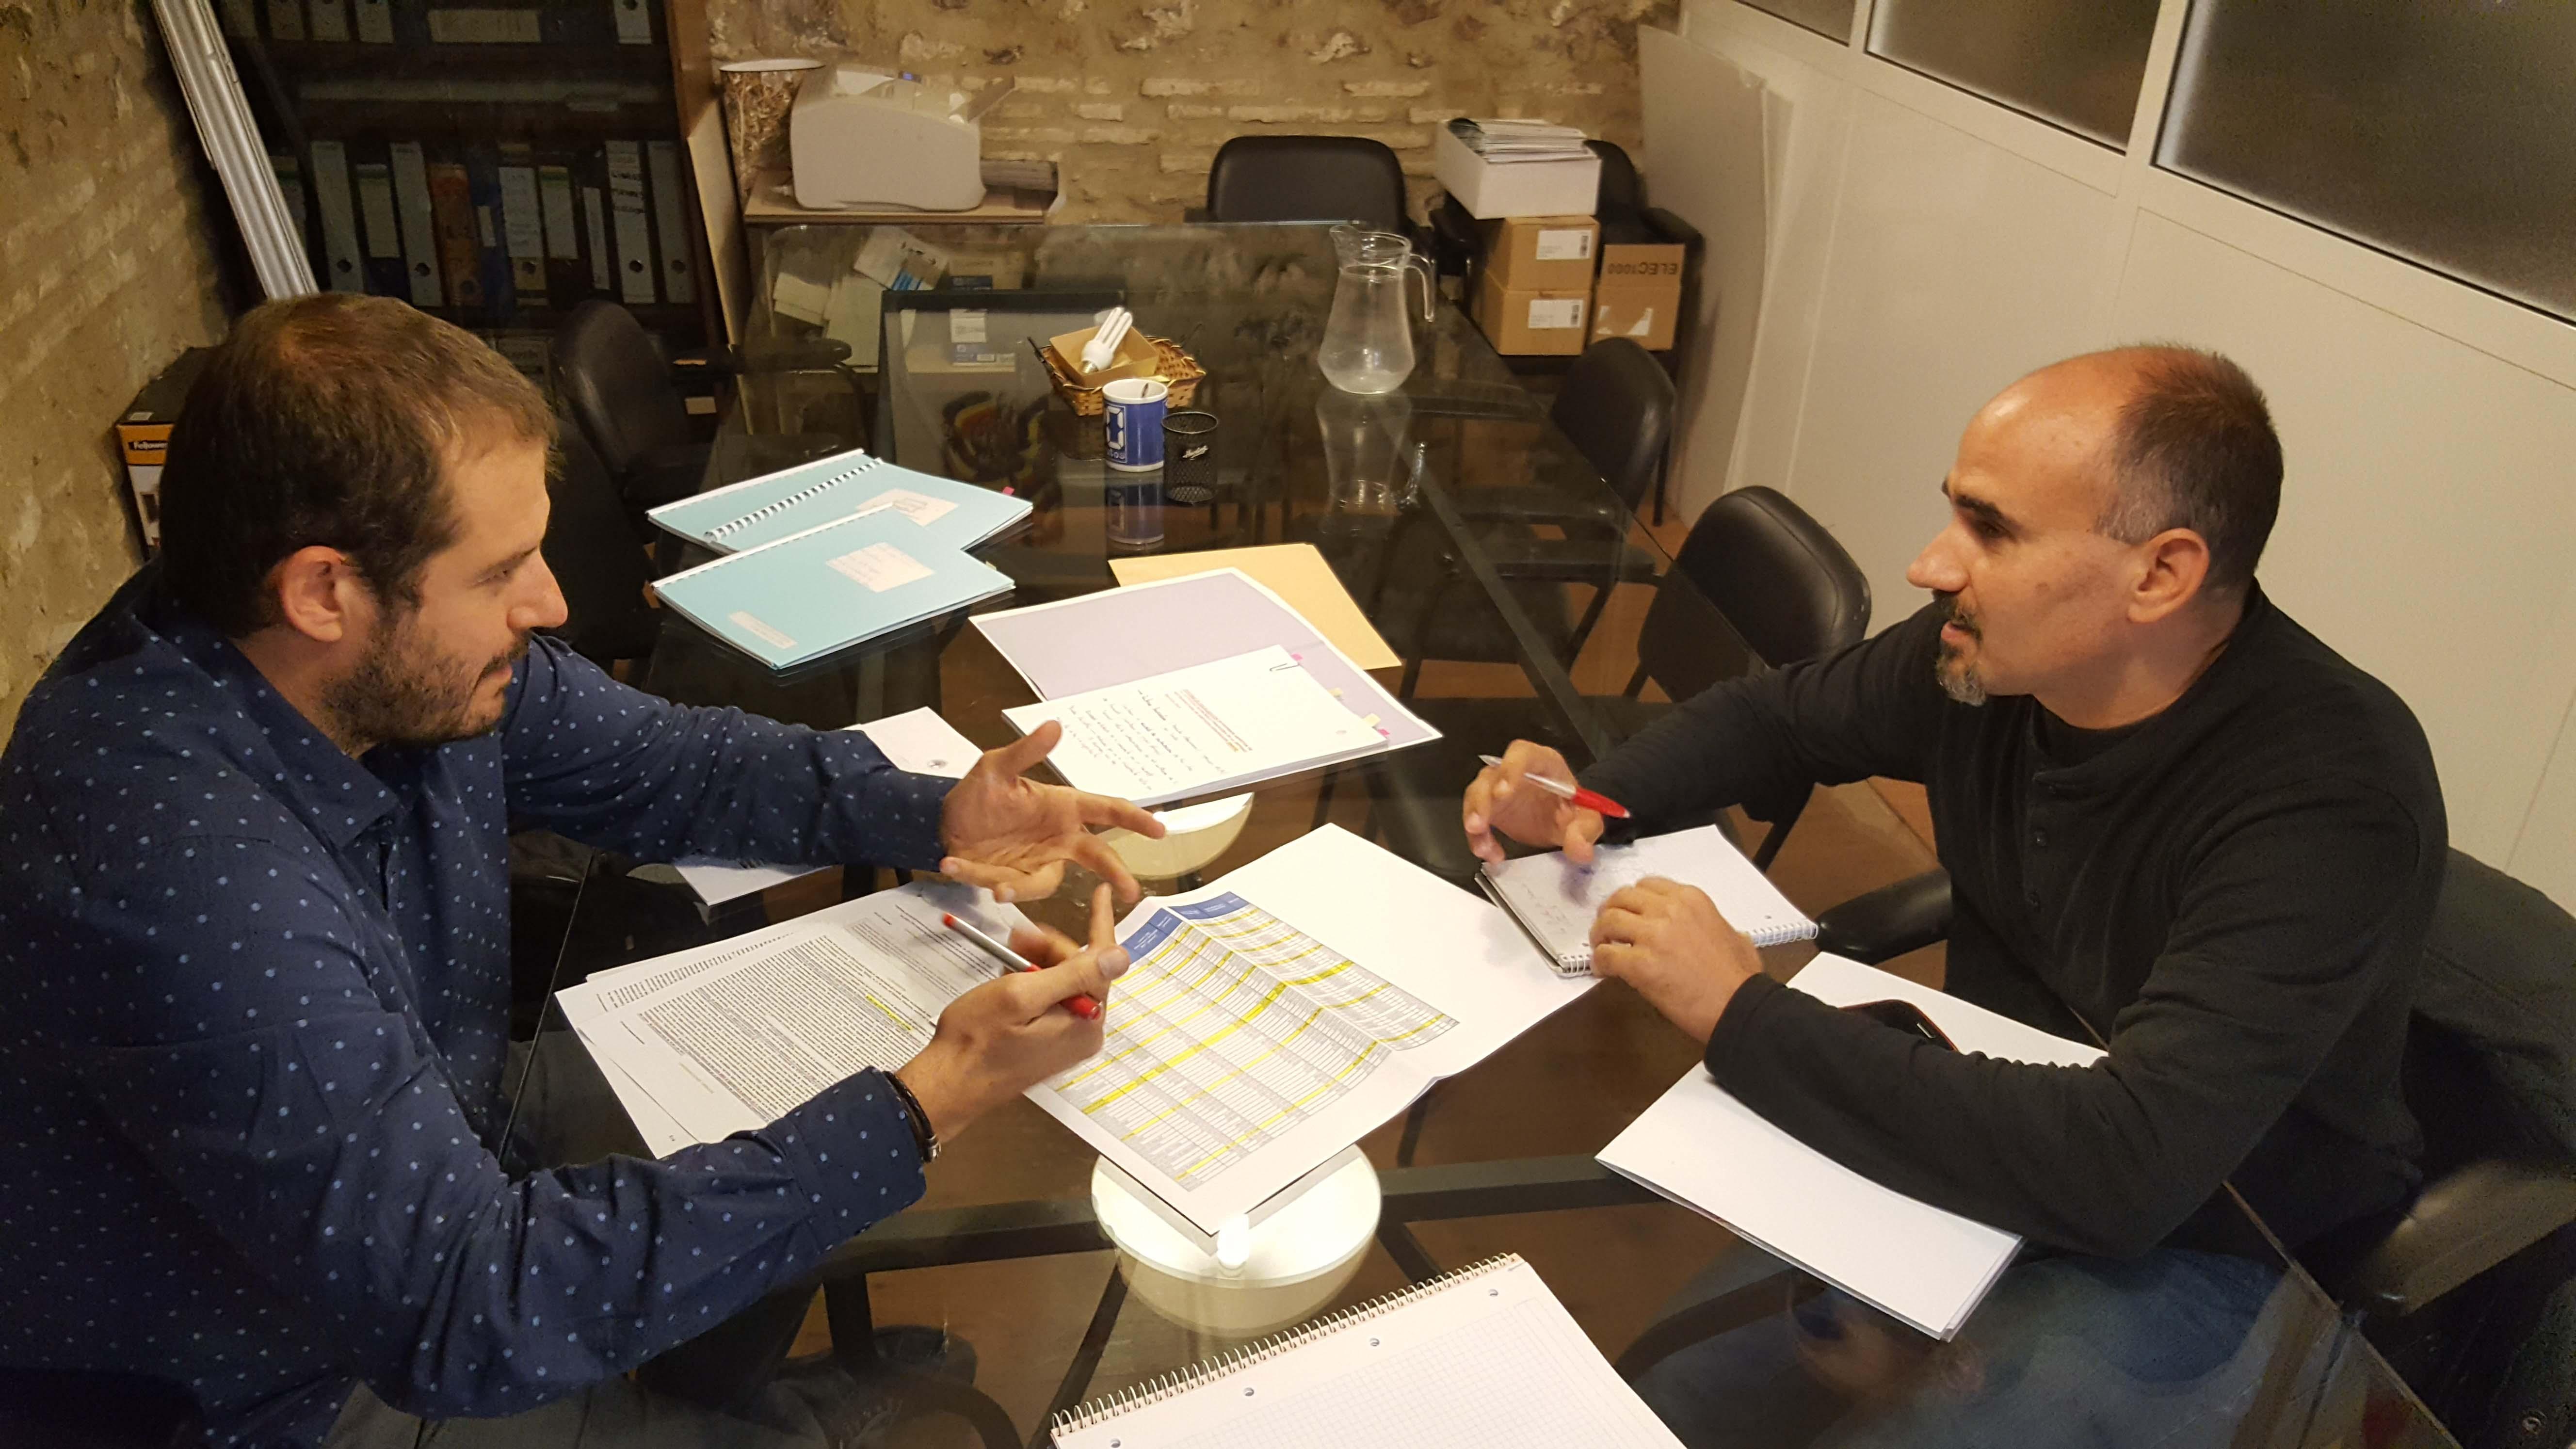 Esquerra unida felicita a l ajuntament de silla pel triomf for Ajuntament de silla